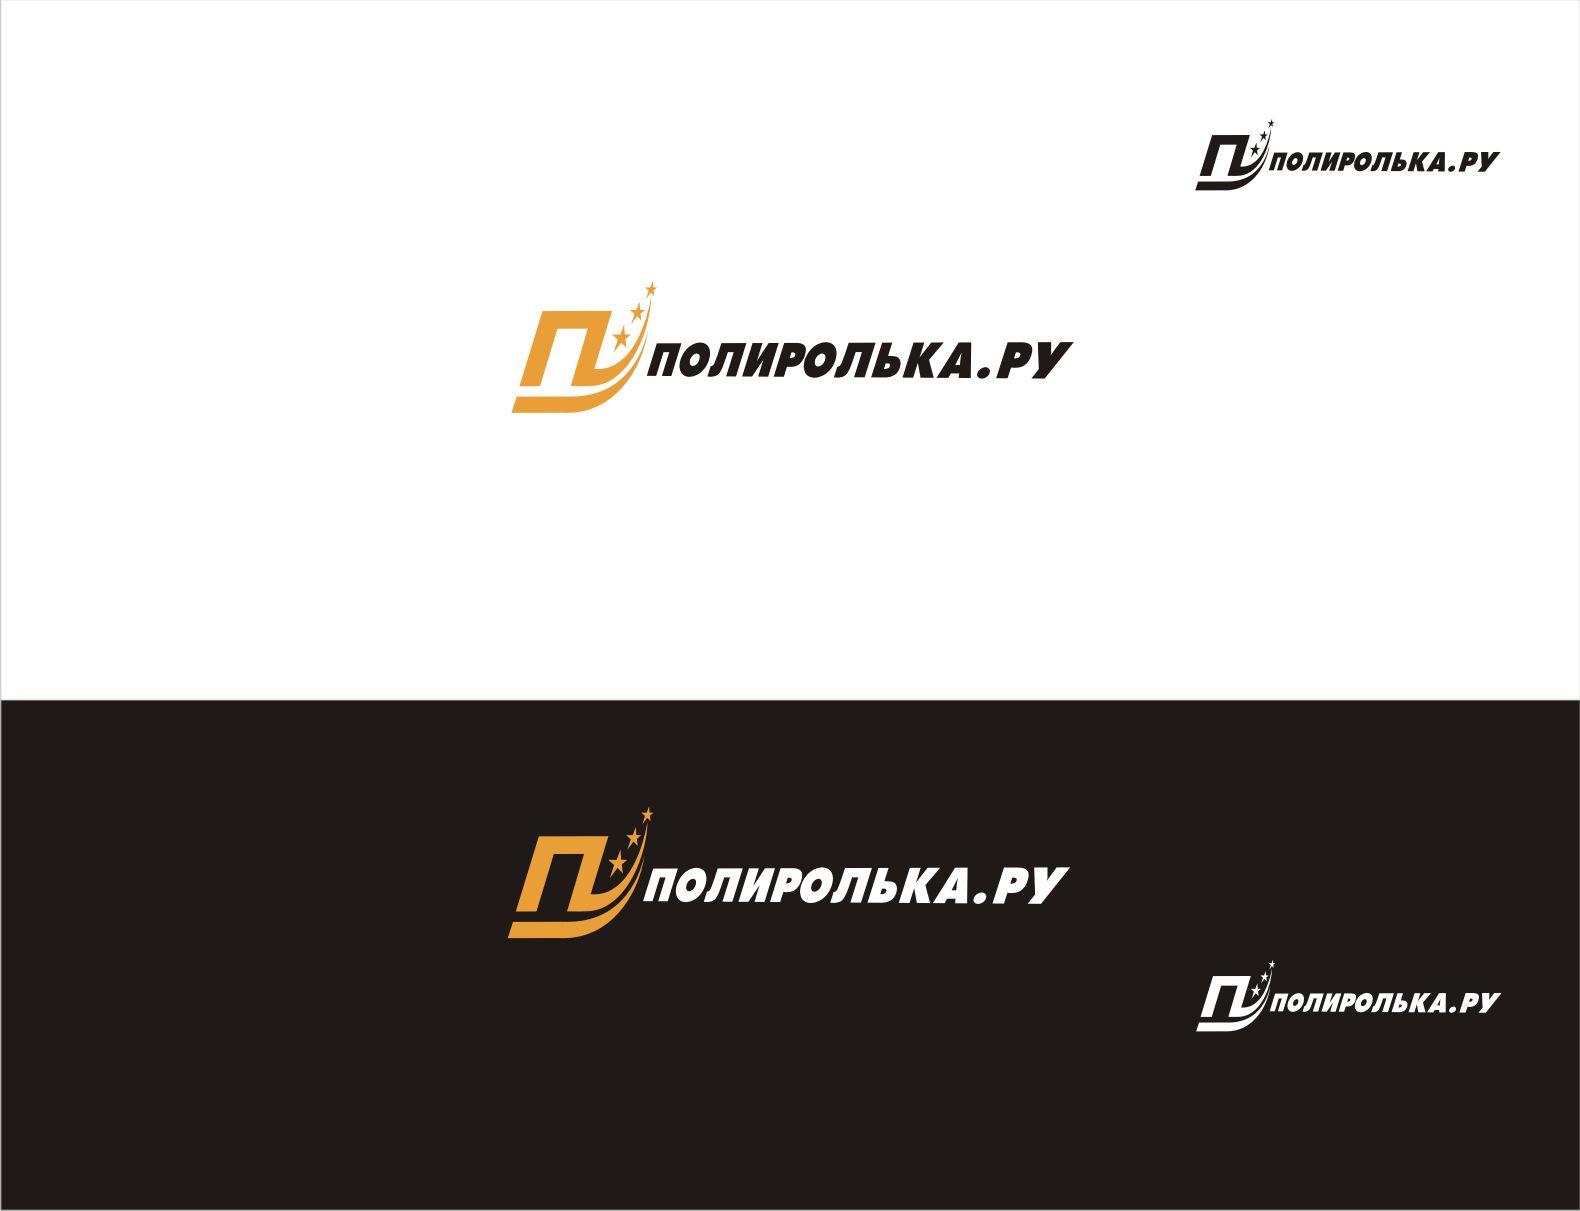 Логотип для интернет-магазина Полиролька.ру - дизайнер vladim